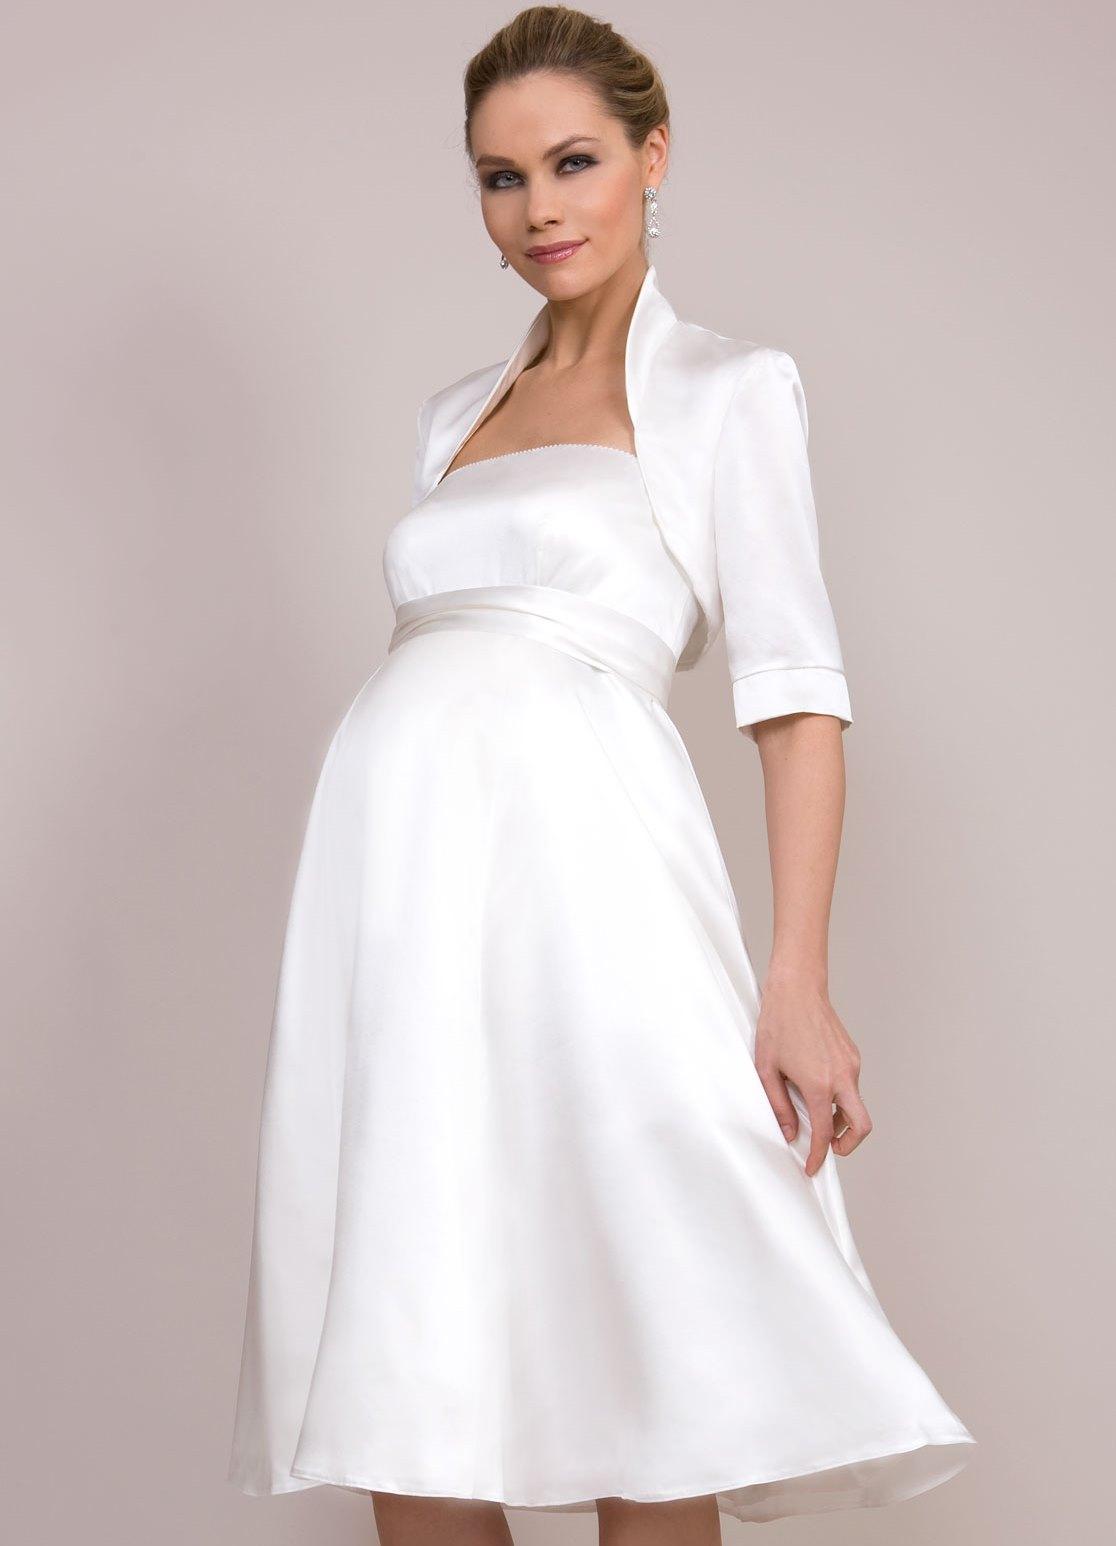 Обычная платья свадьба